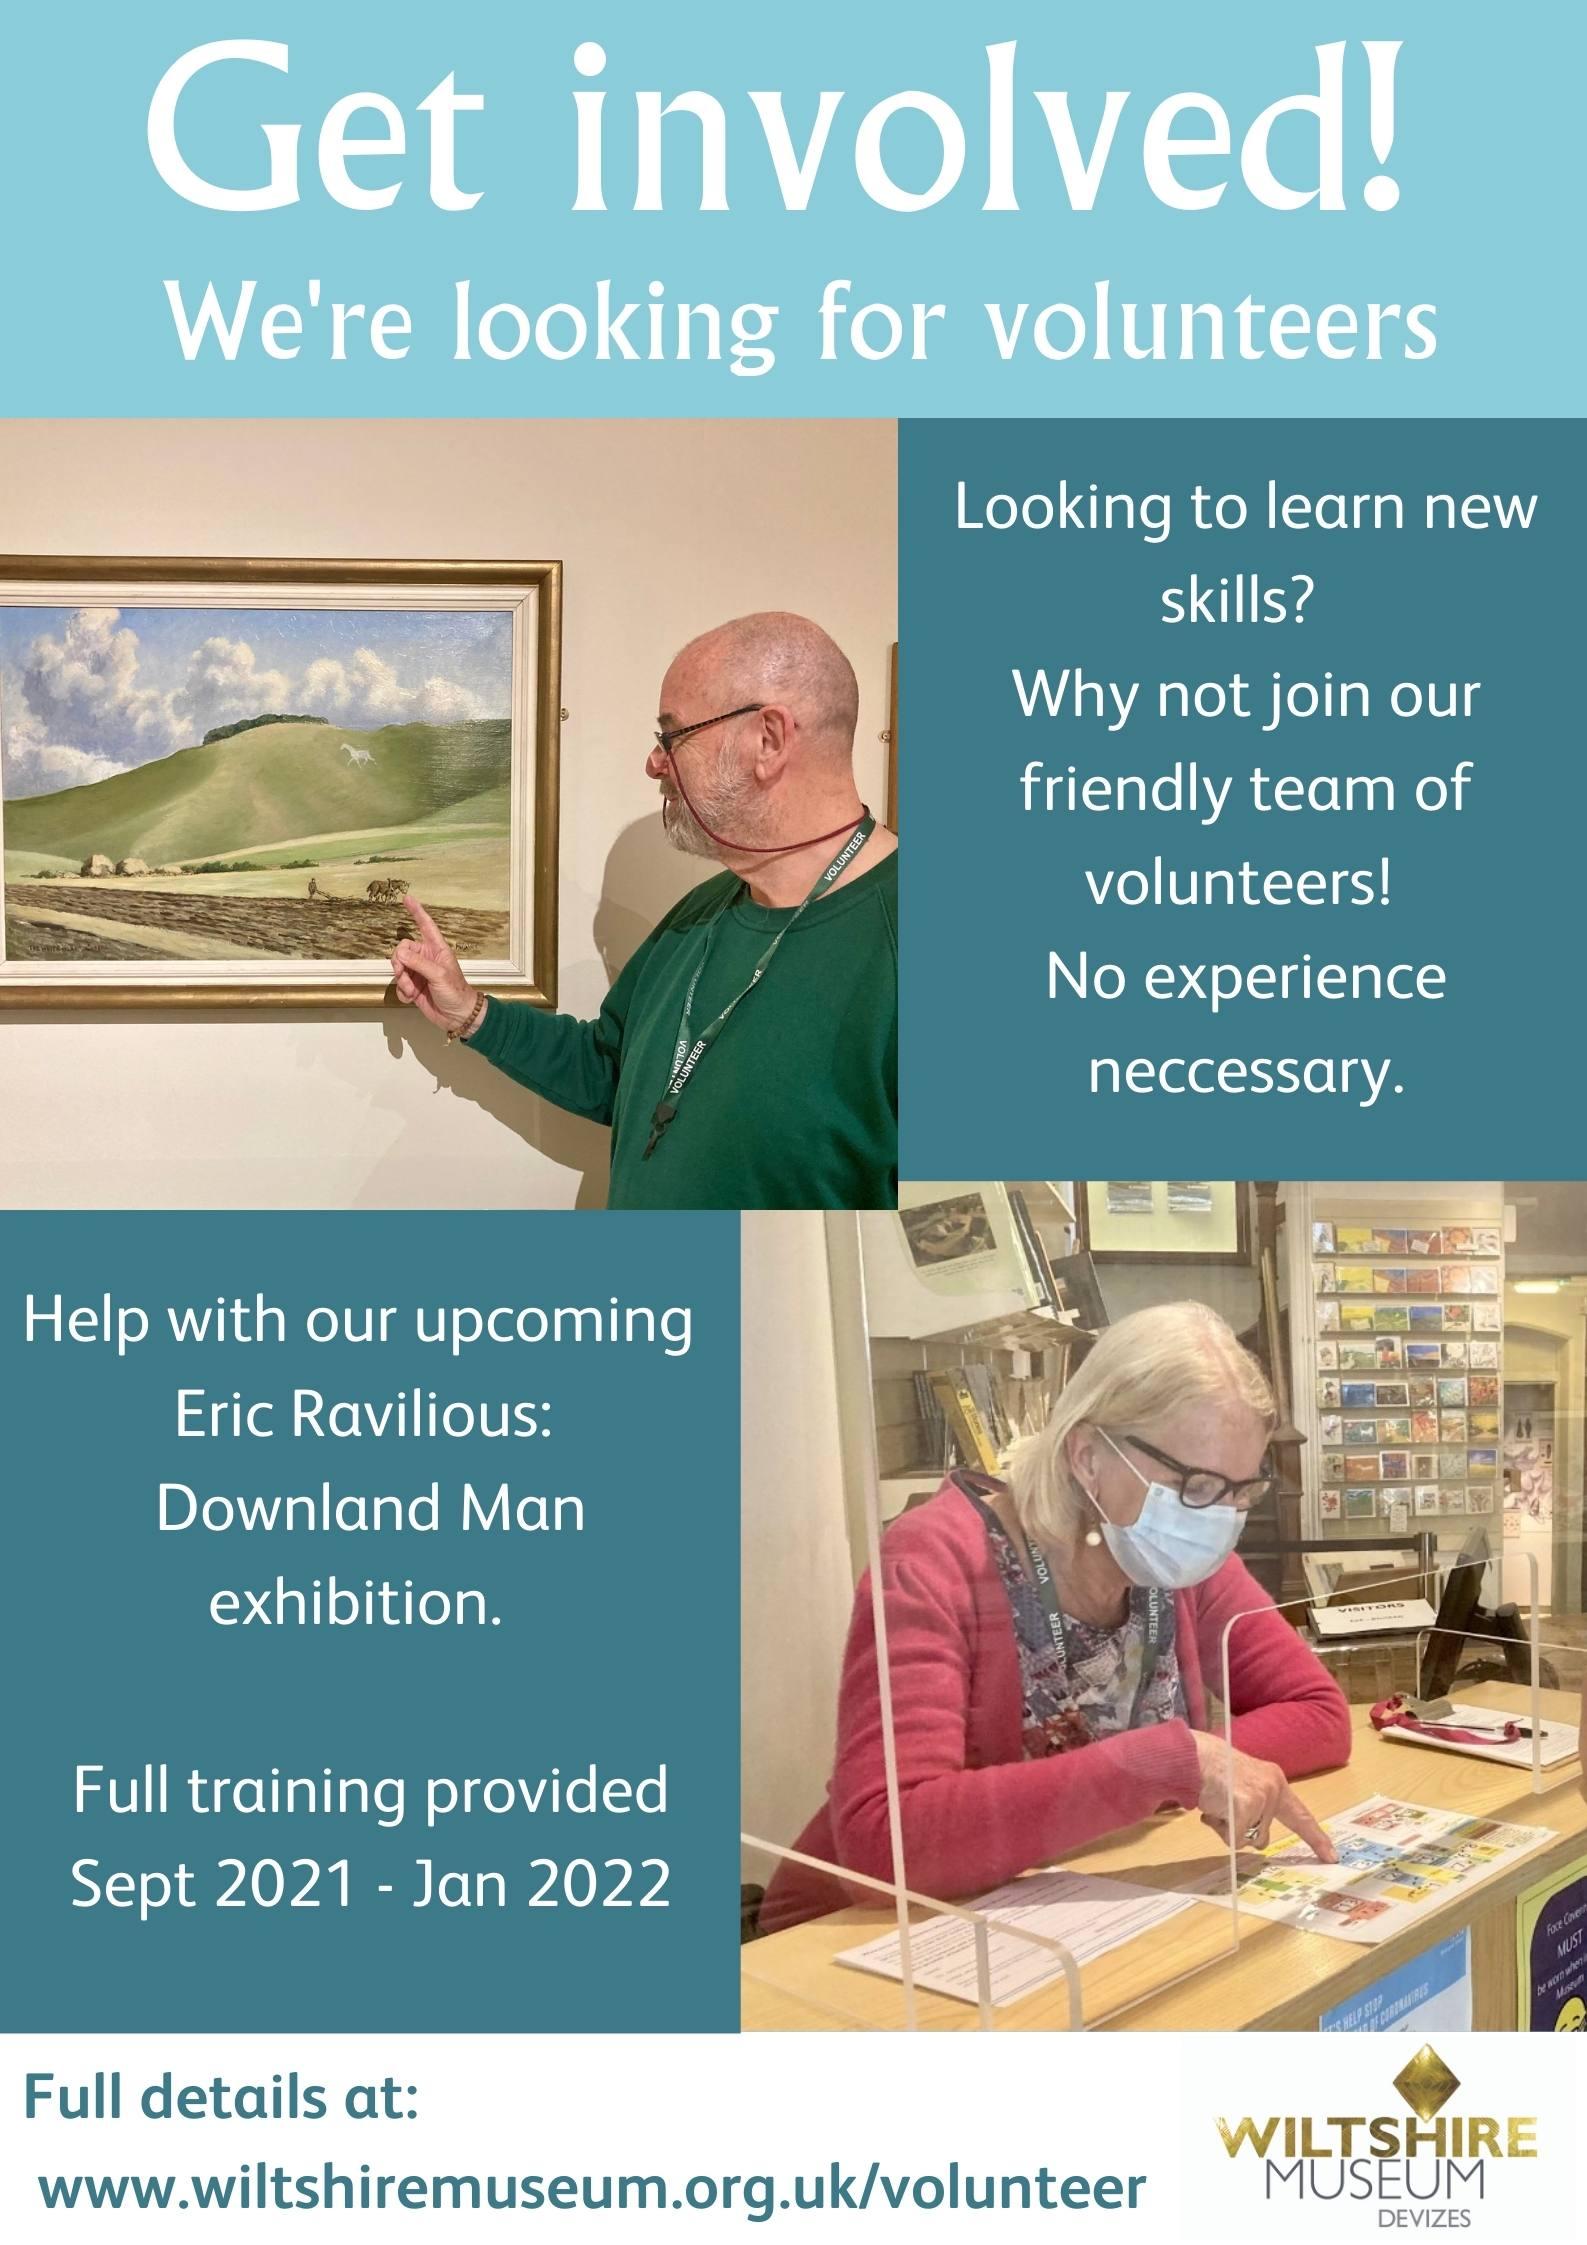 Wiltshire Museum Seeking Volunteers September 2021 - January 2022